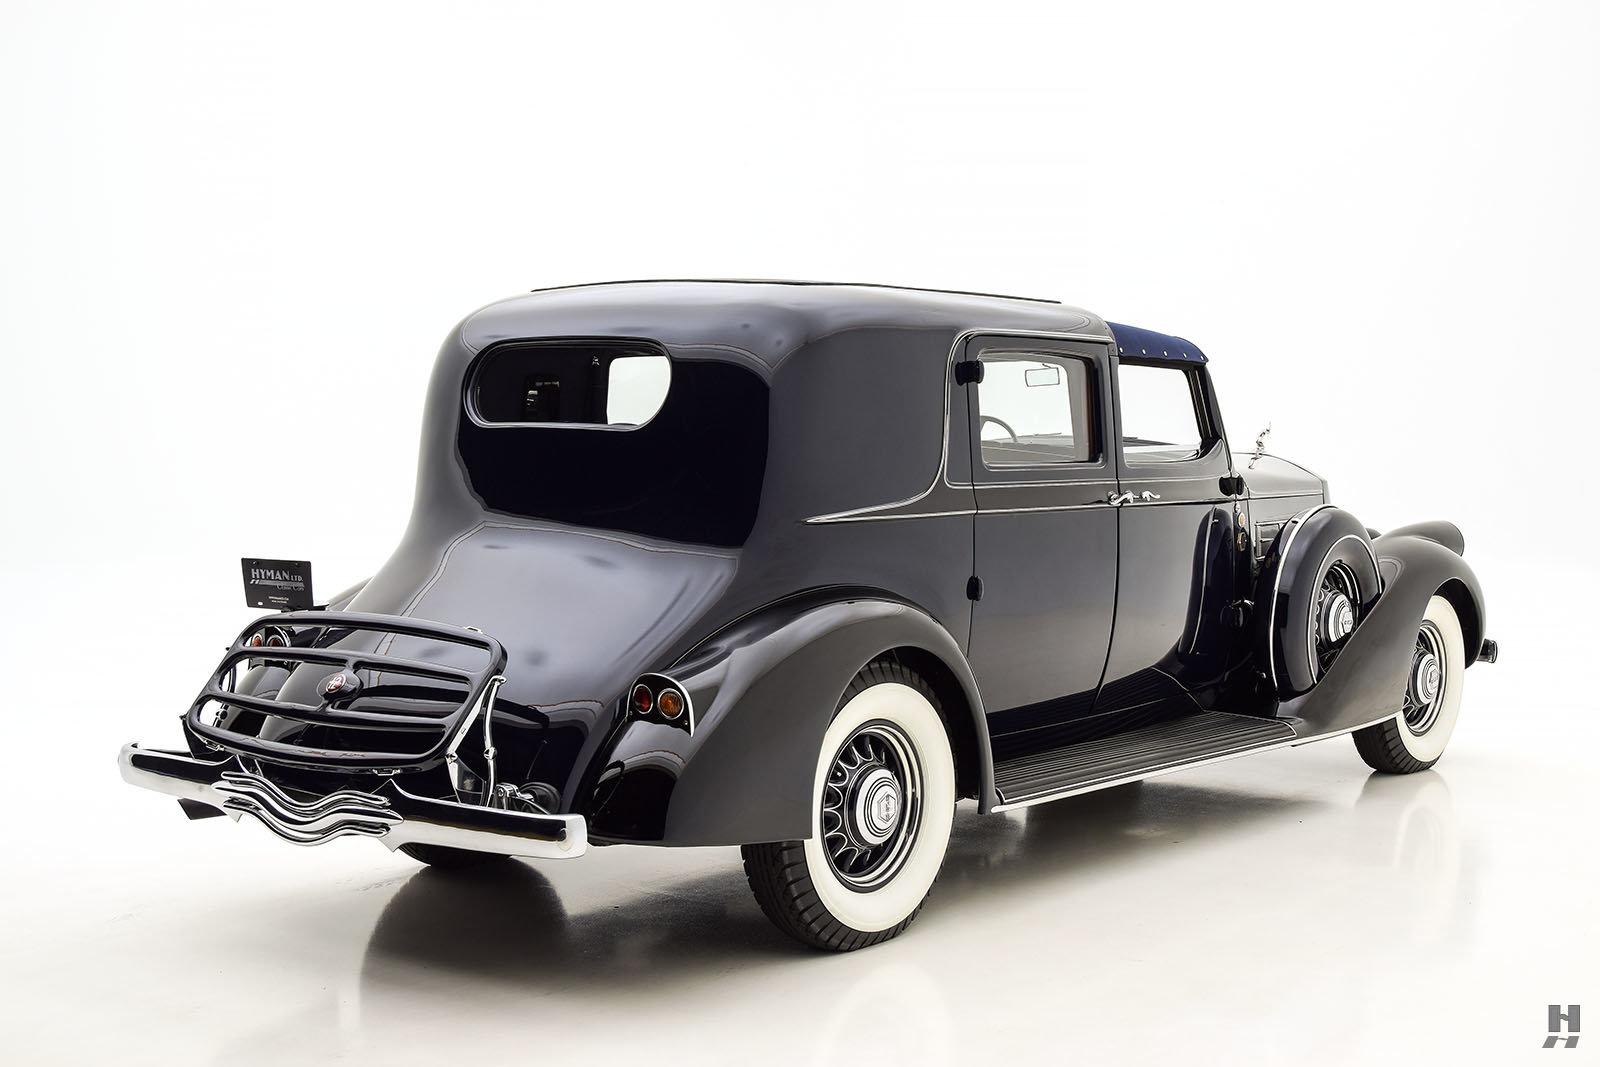 1936 PIERCE ARROW SALON TWELVE TOWN CAR BY DERHAM For Sale (picture 5 of 6)